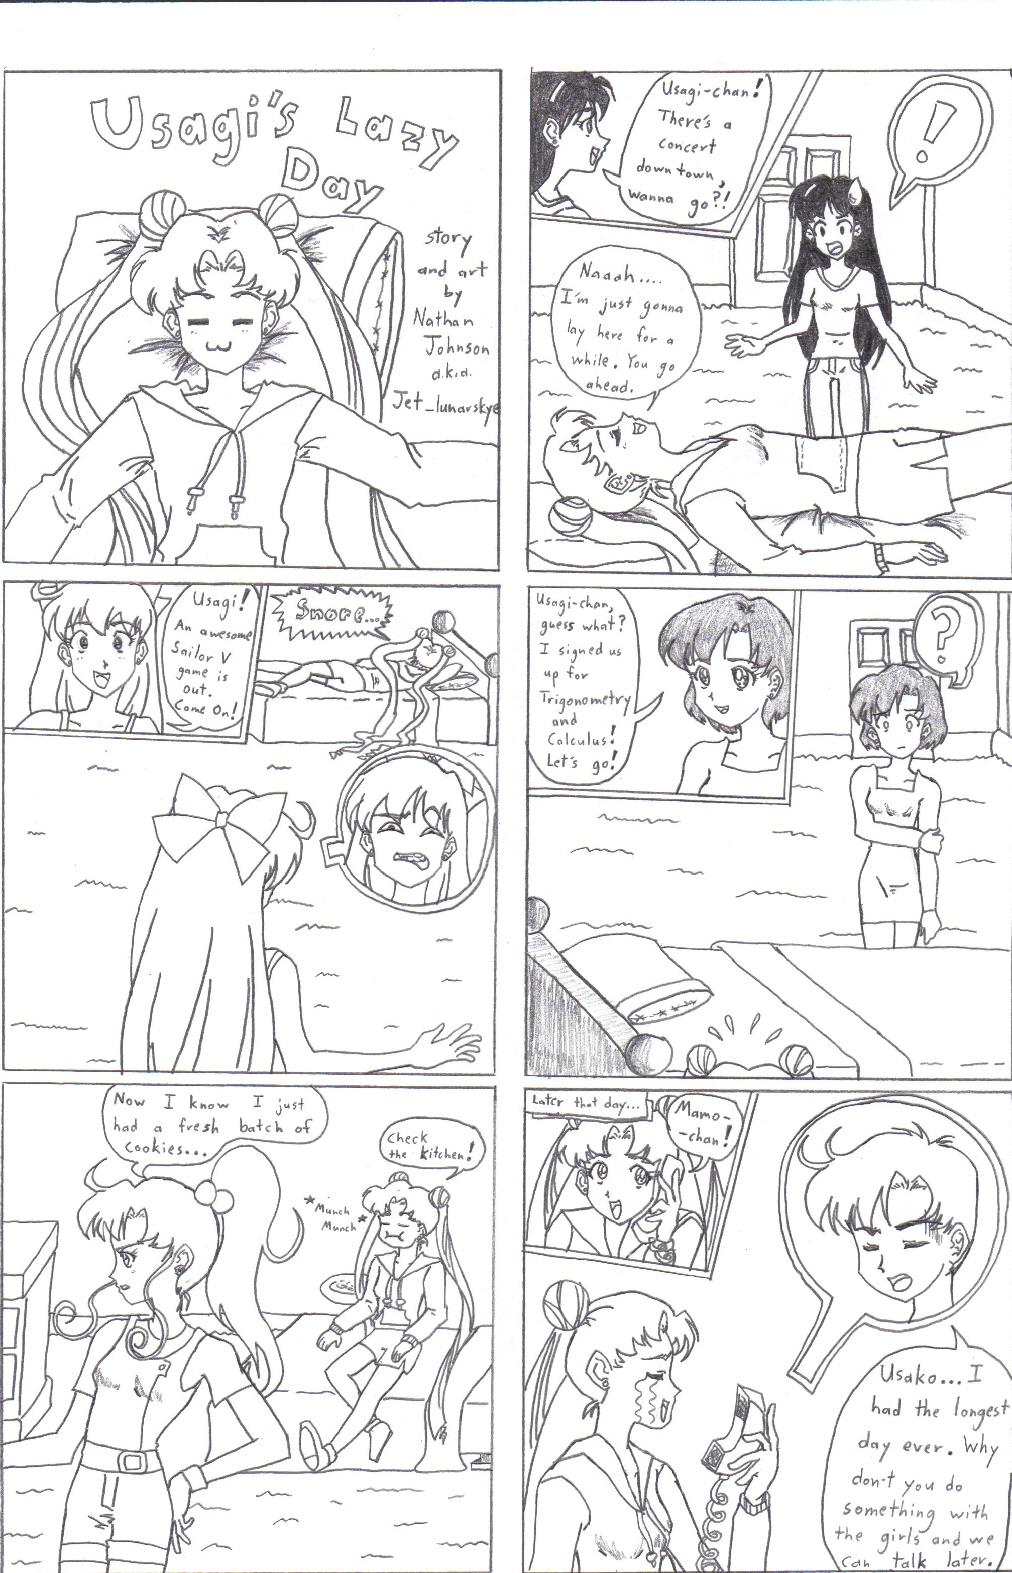 Usagi's Lazy Day Mini-manga by Jet_lunarskye